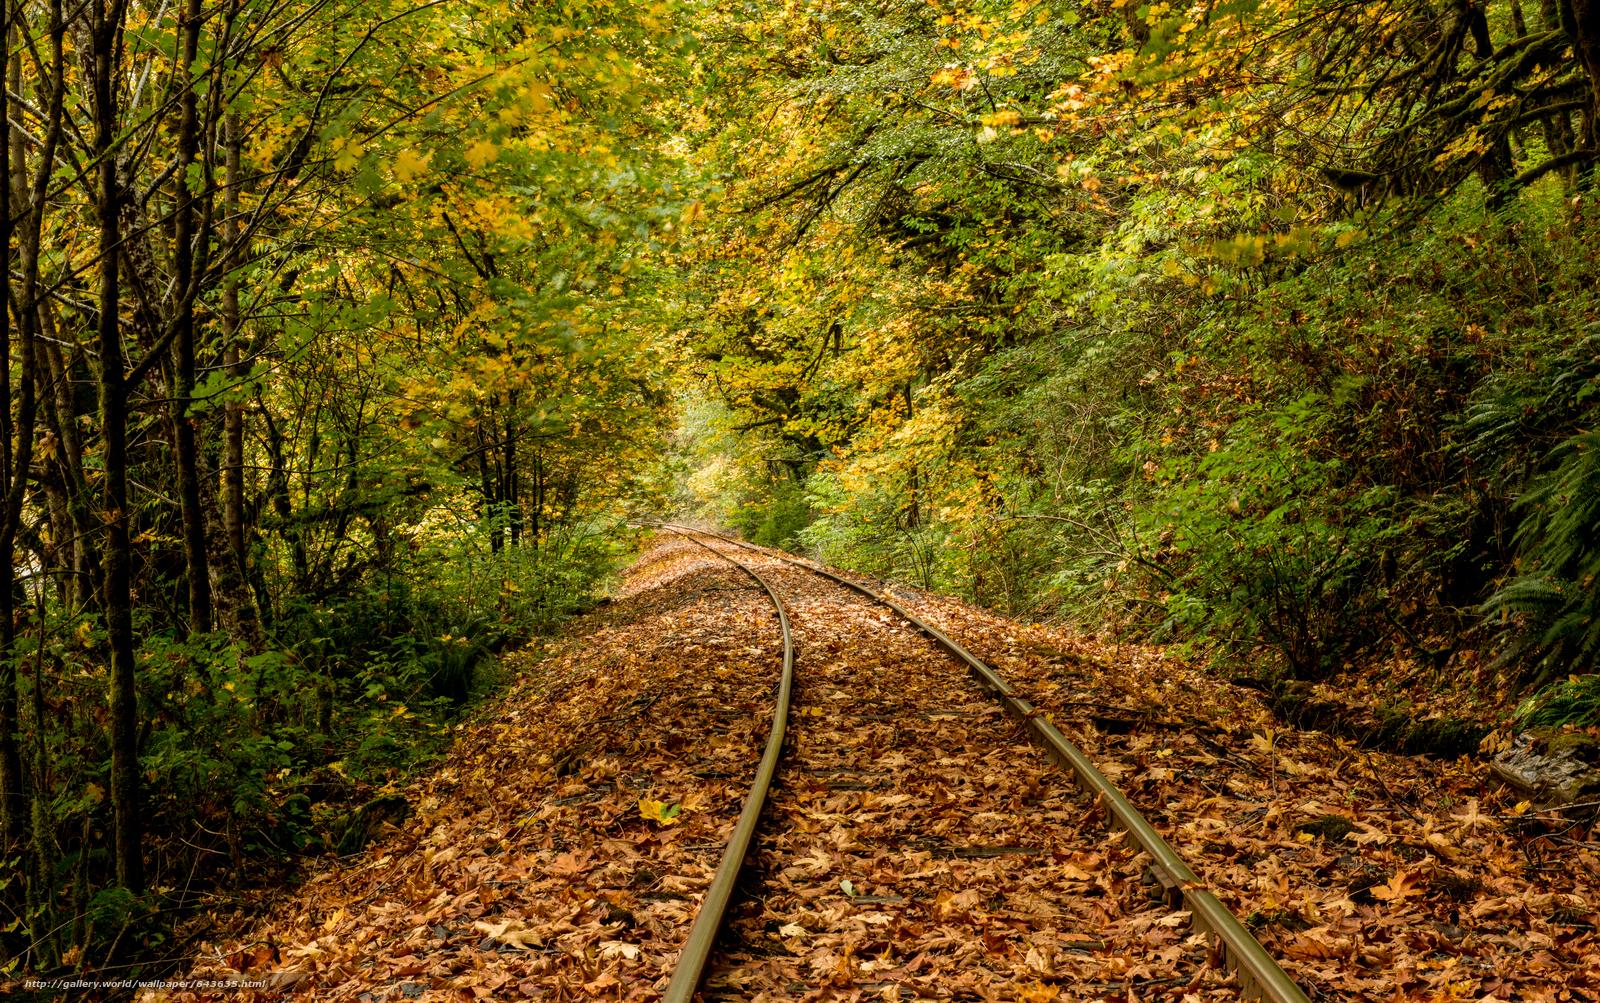 Скачать обои Дождь,  листья,  река,  железная дорога бесплатно для рабочего стола в разрешении 6944x4352 — картинка №643635